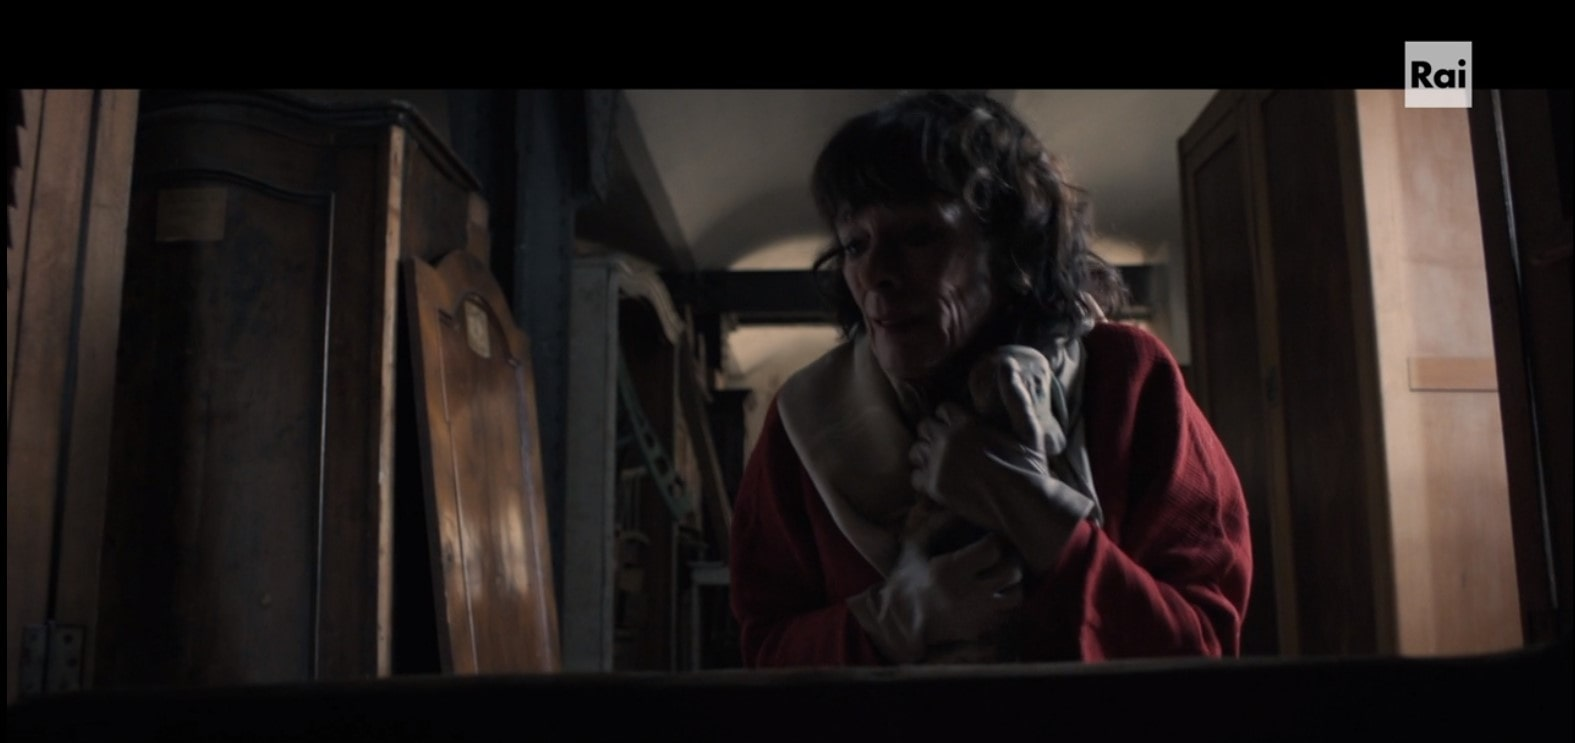 Terra rossa - trieste -Porto vecchio -Magazzino 18- la bambola ritrovata